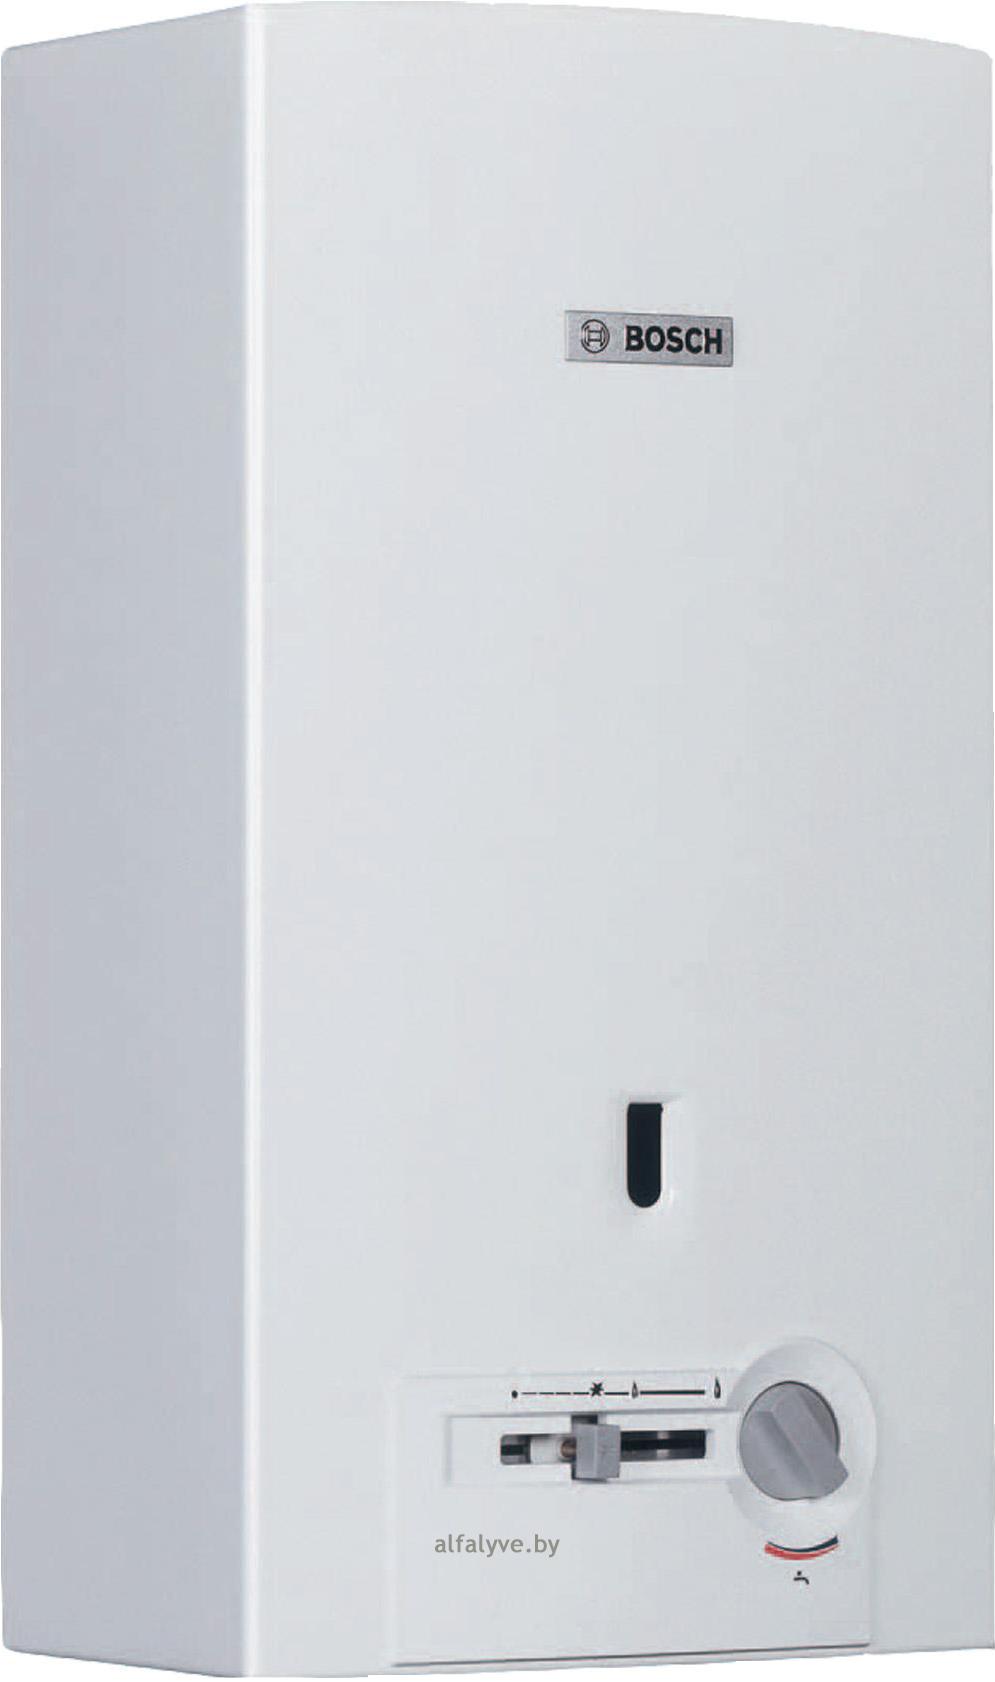 Водонагреватель Bosch 4000 O PS